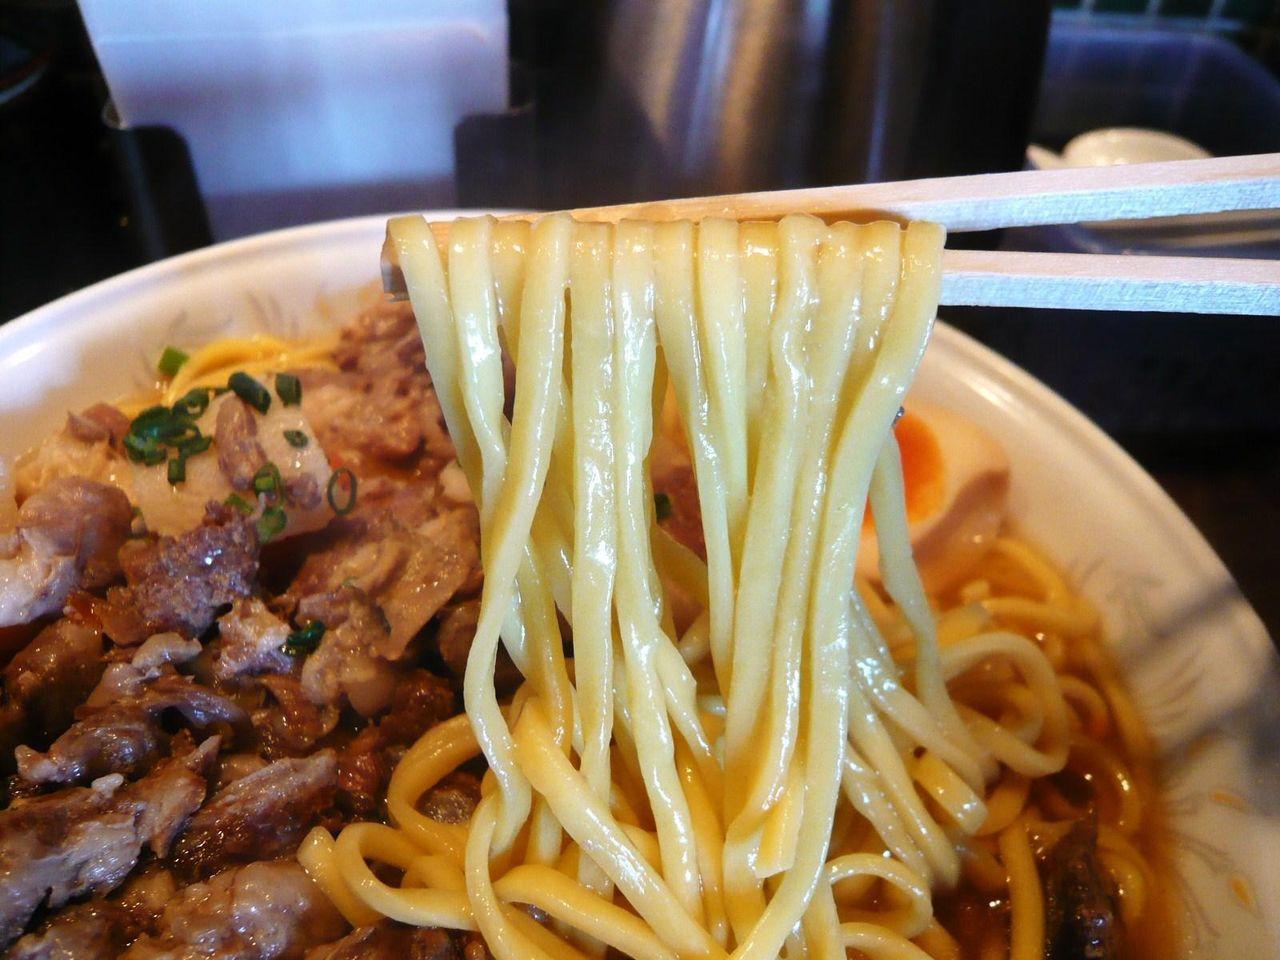 このまま麺を食べると、少々物足りない味わい。